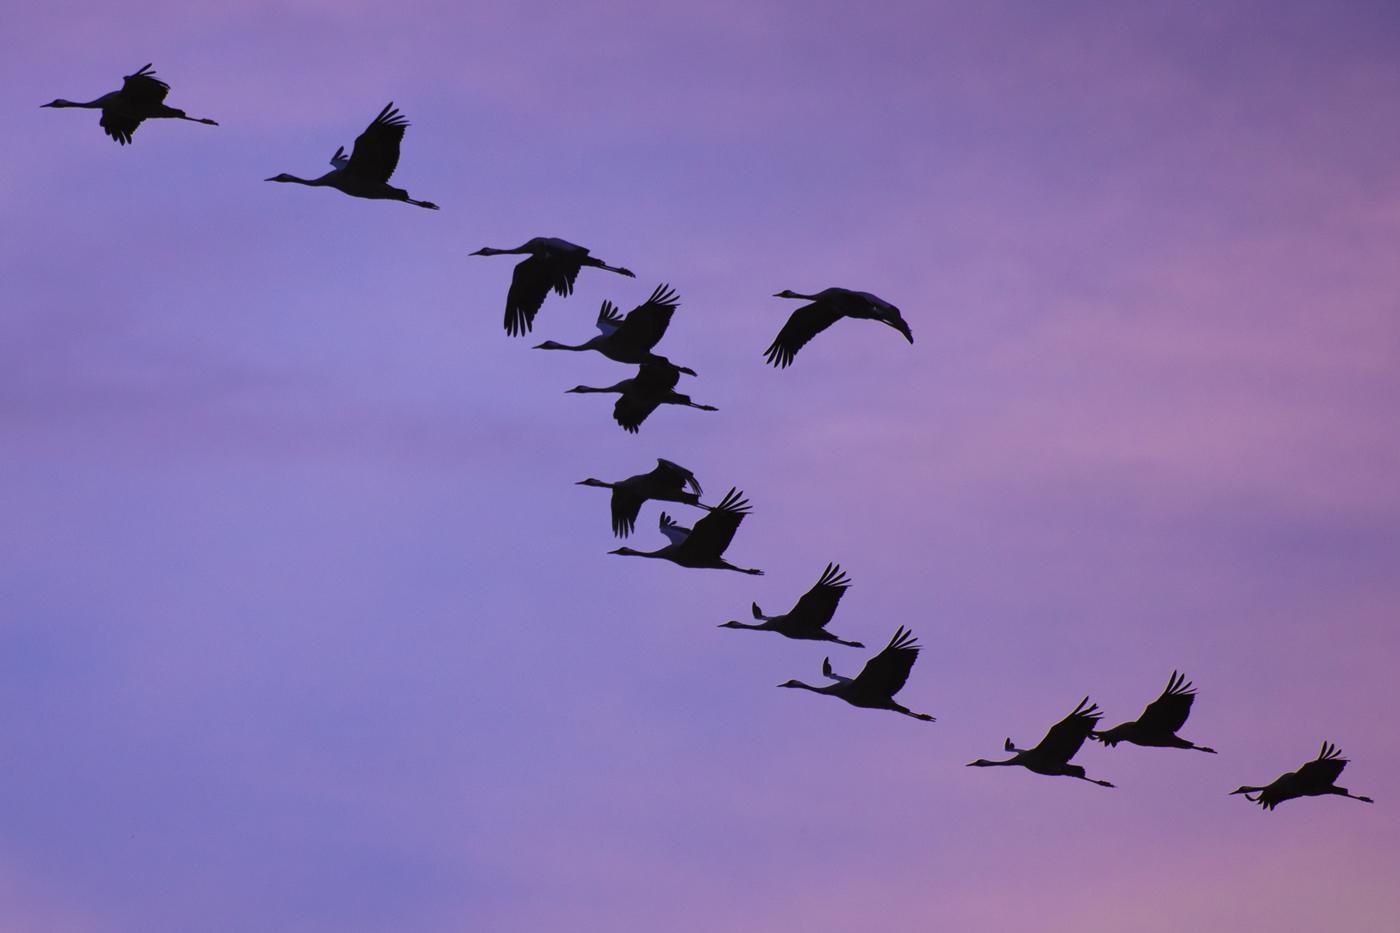 cranes_Galleri_3